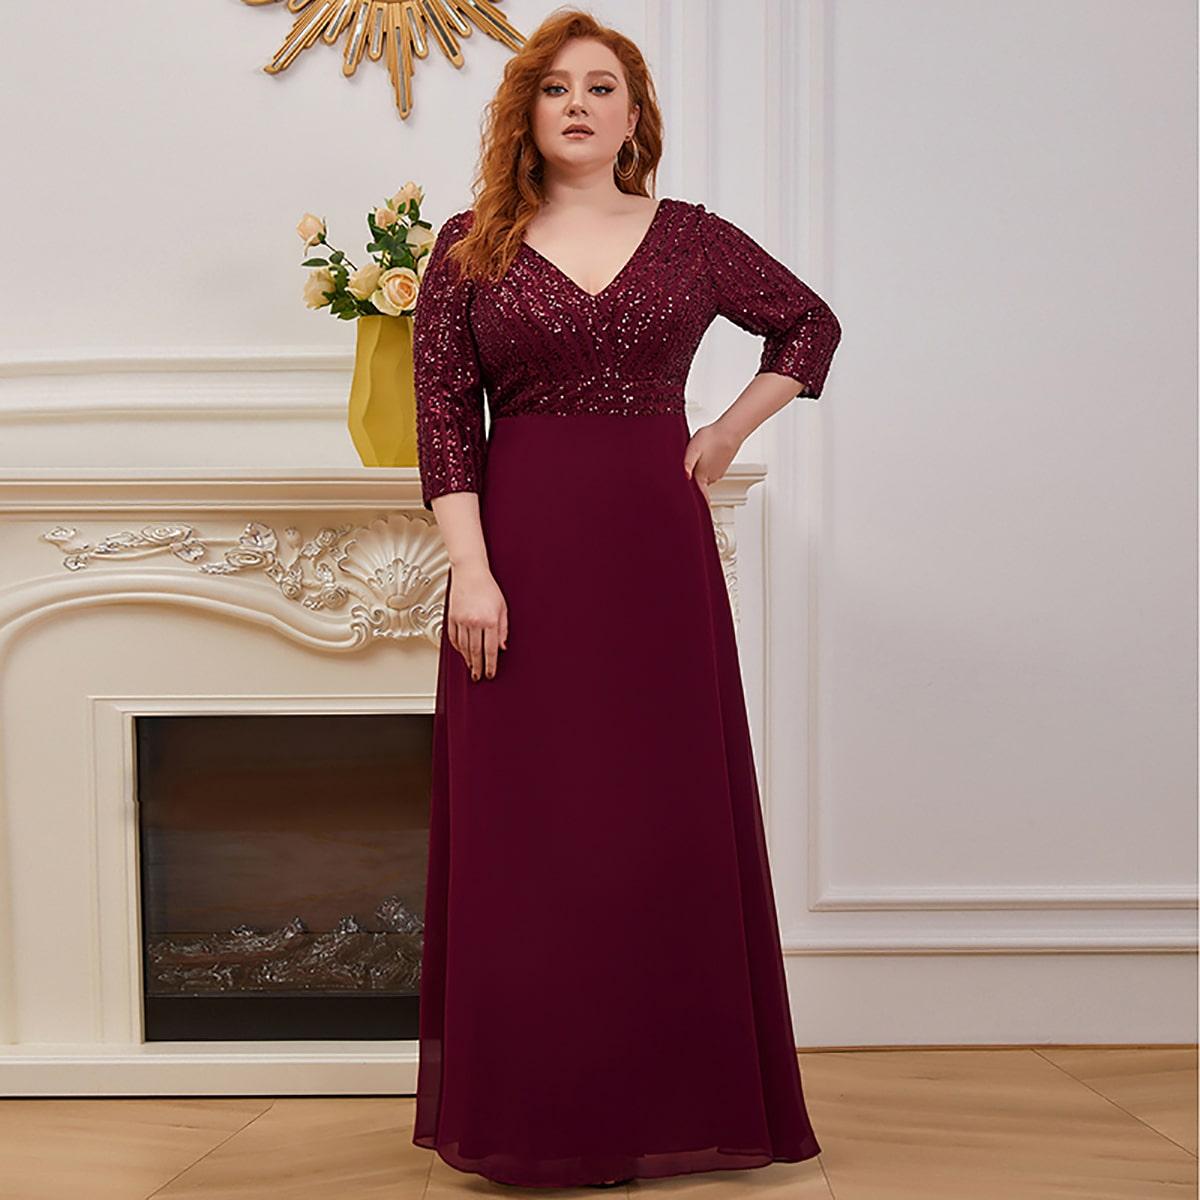 Блестящее платье размера плюс с двойным v-образным воротником